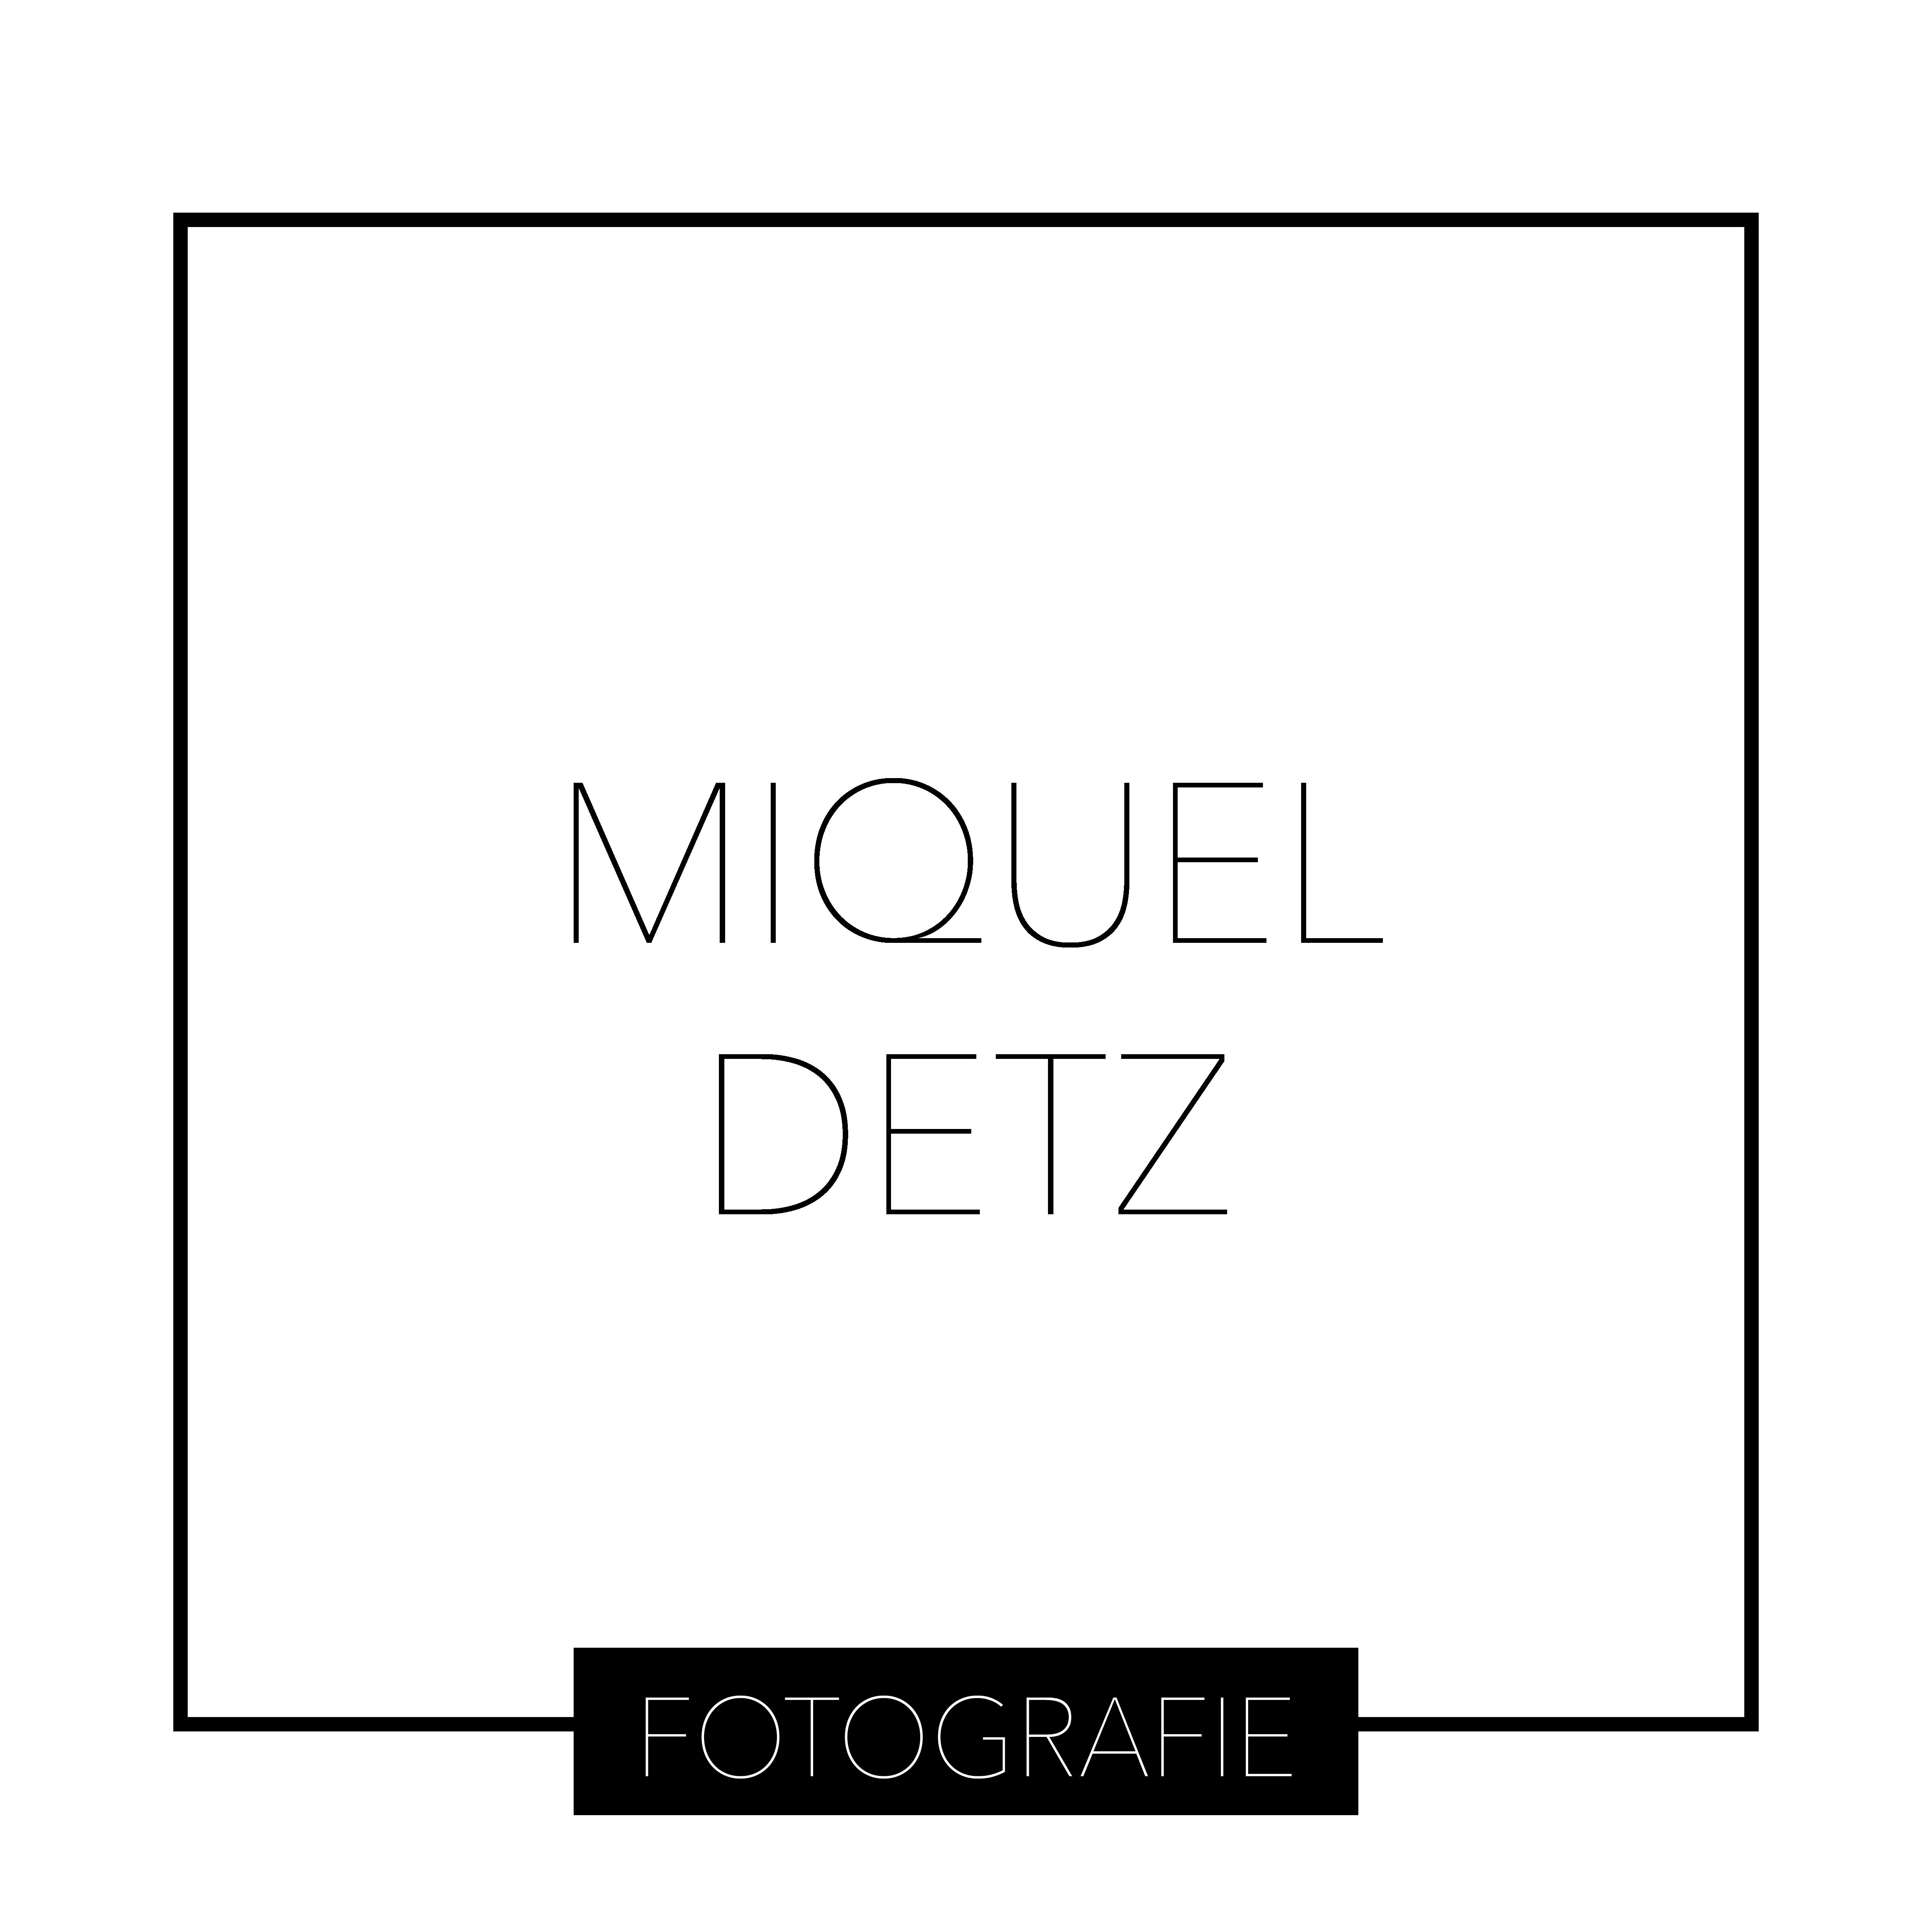 Miquel Detz fotografie